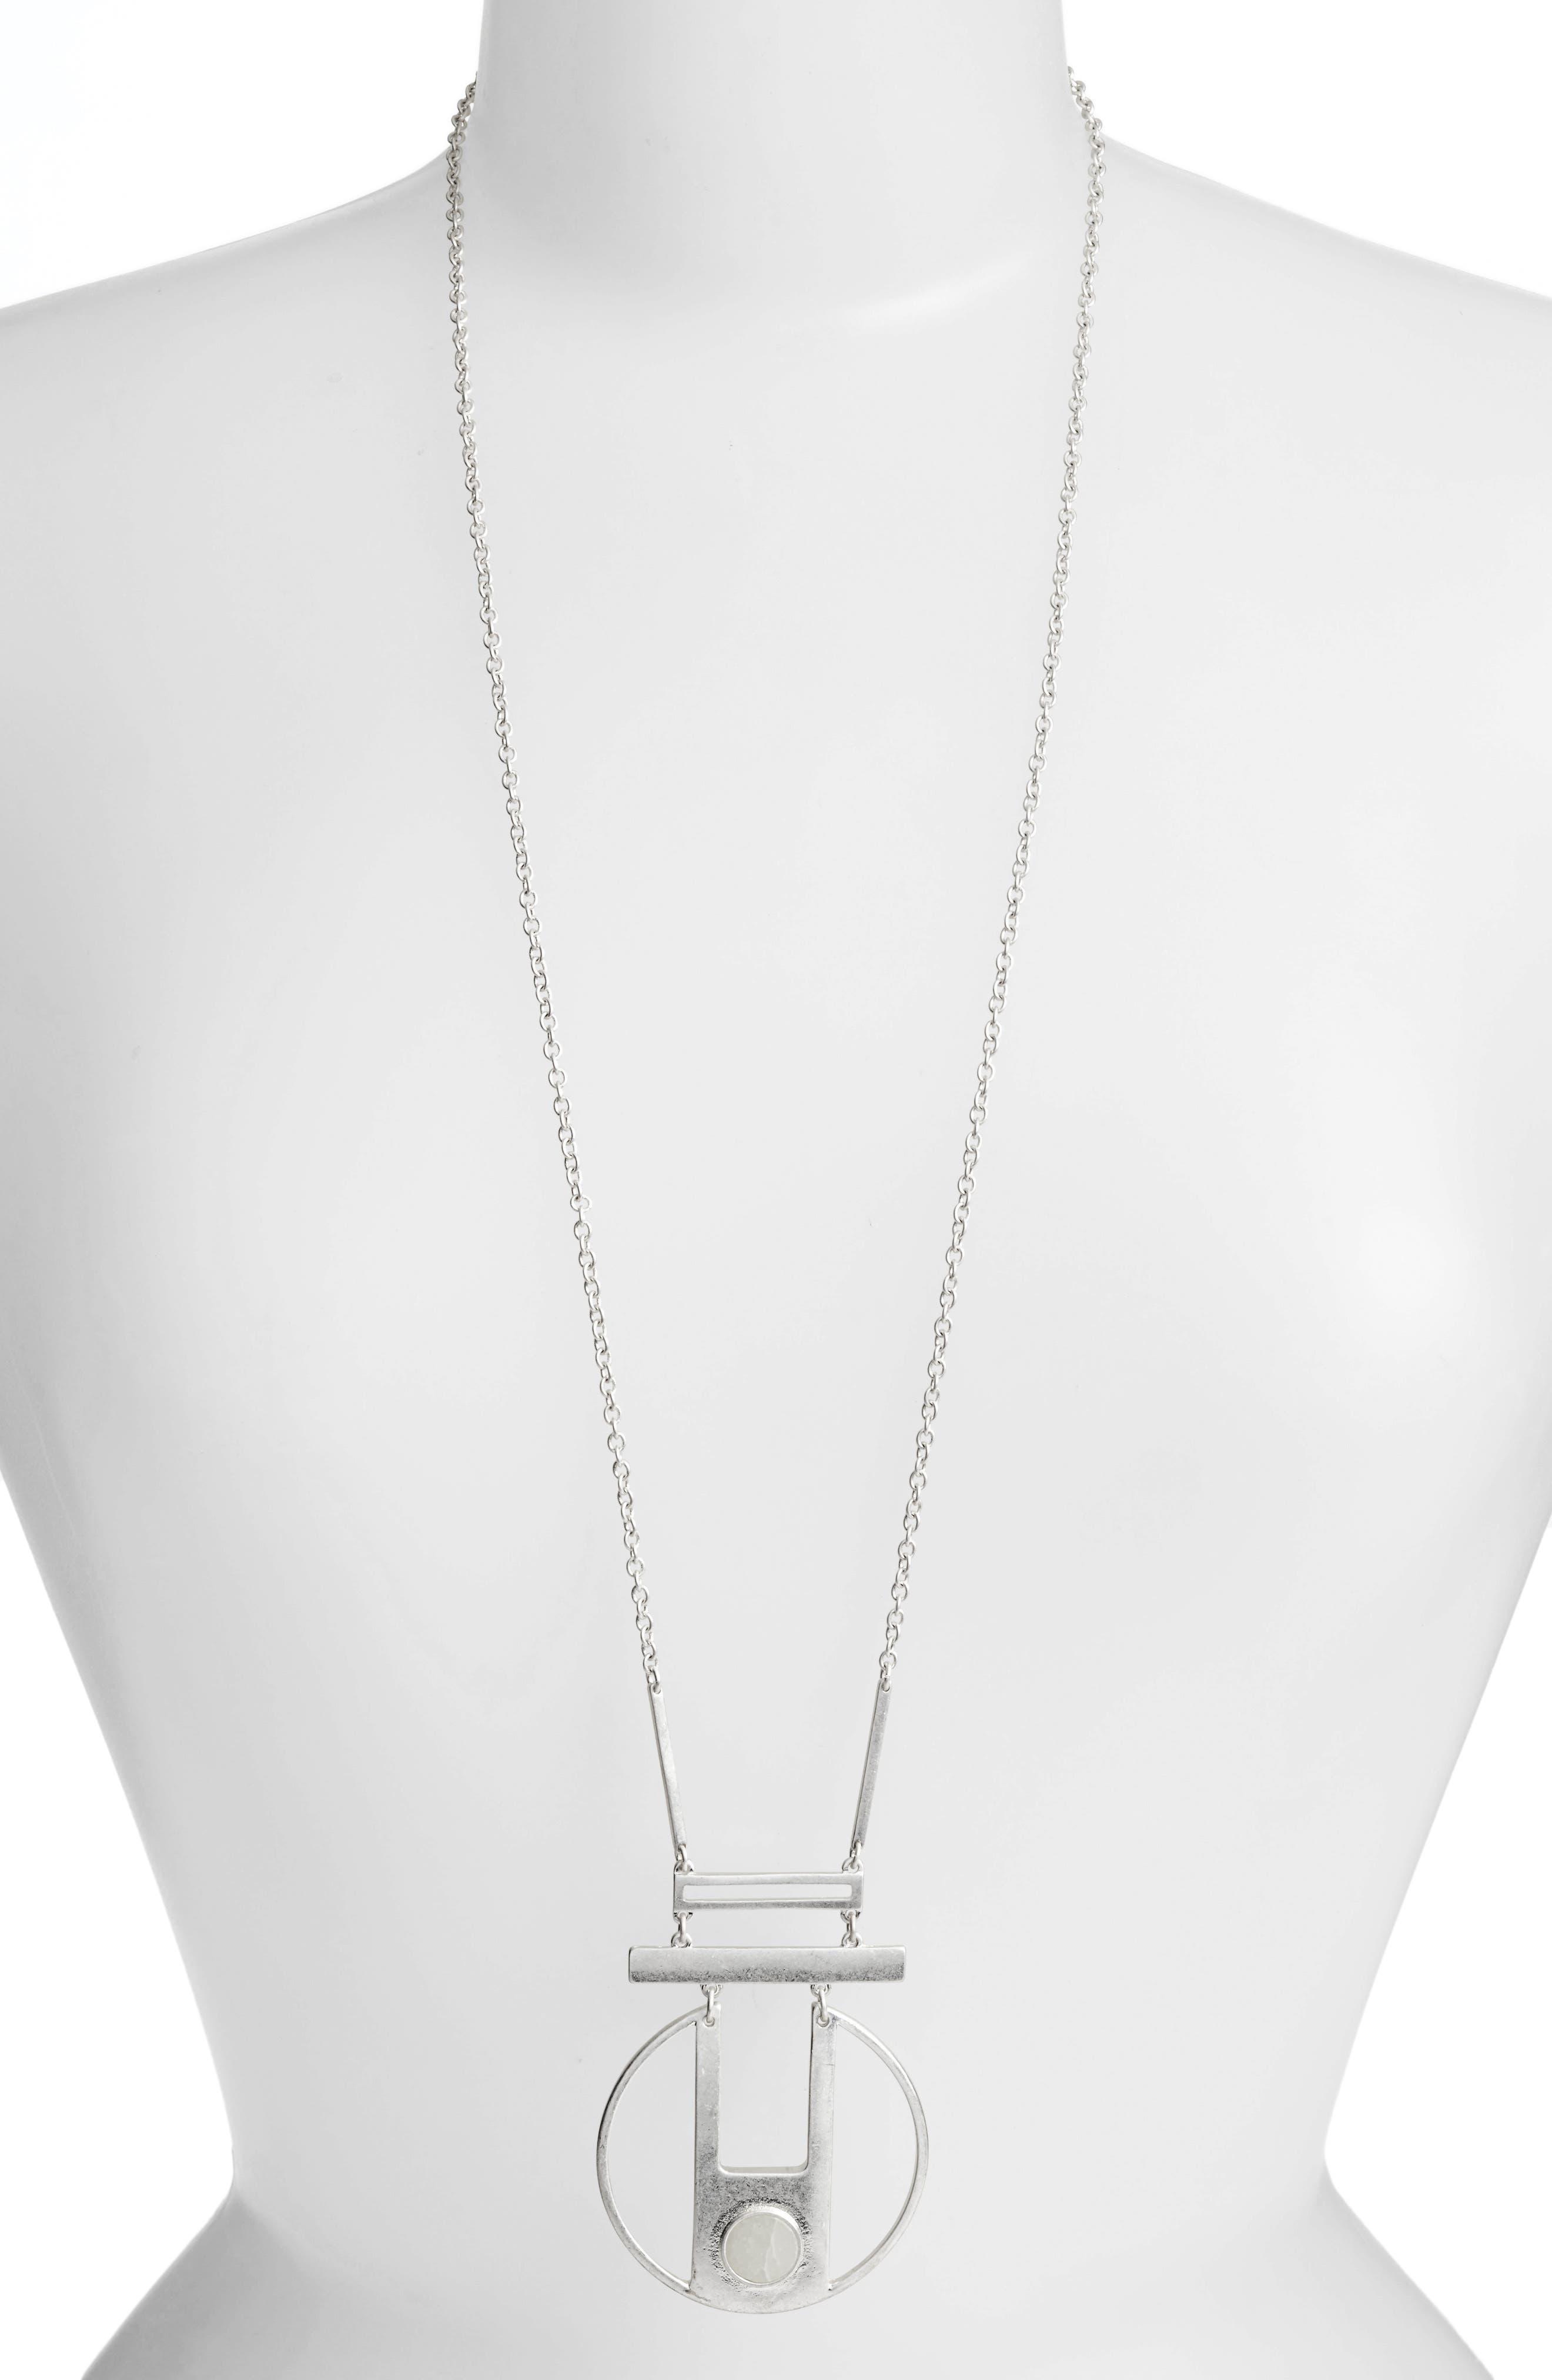 Opal Pendant Necklace,                             Main thumbnail 1, color,                             Silver